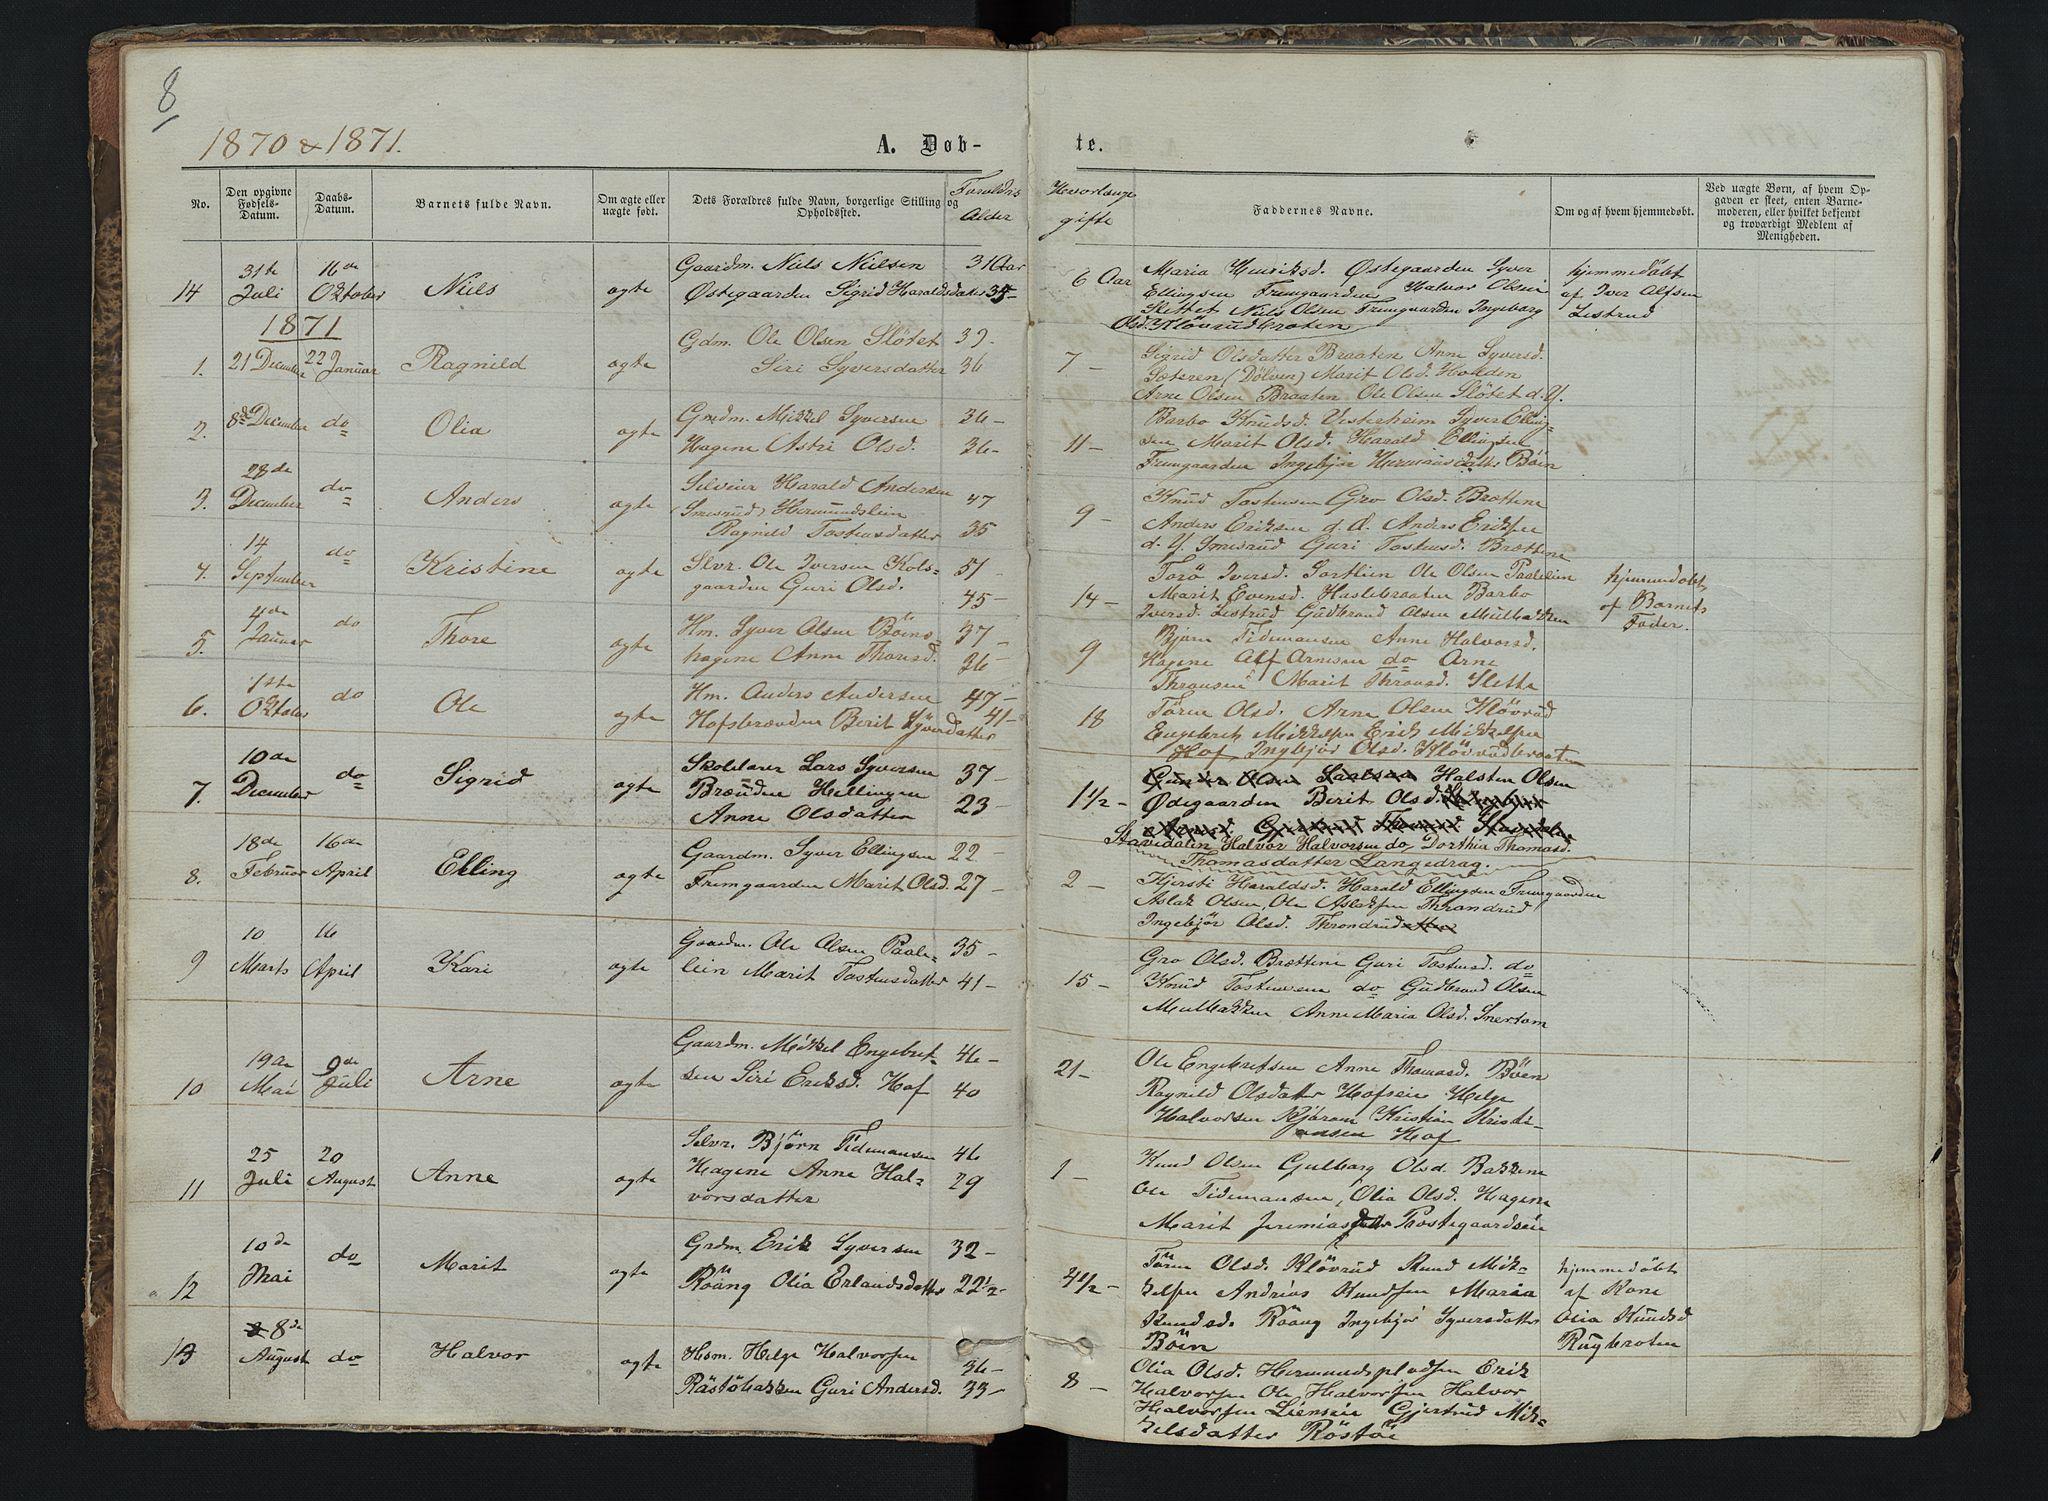 SAH, Sør-Aurdal prestekontor, Klokkerbok nr. 6, 1866-1893, s. 8